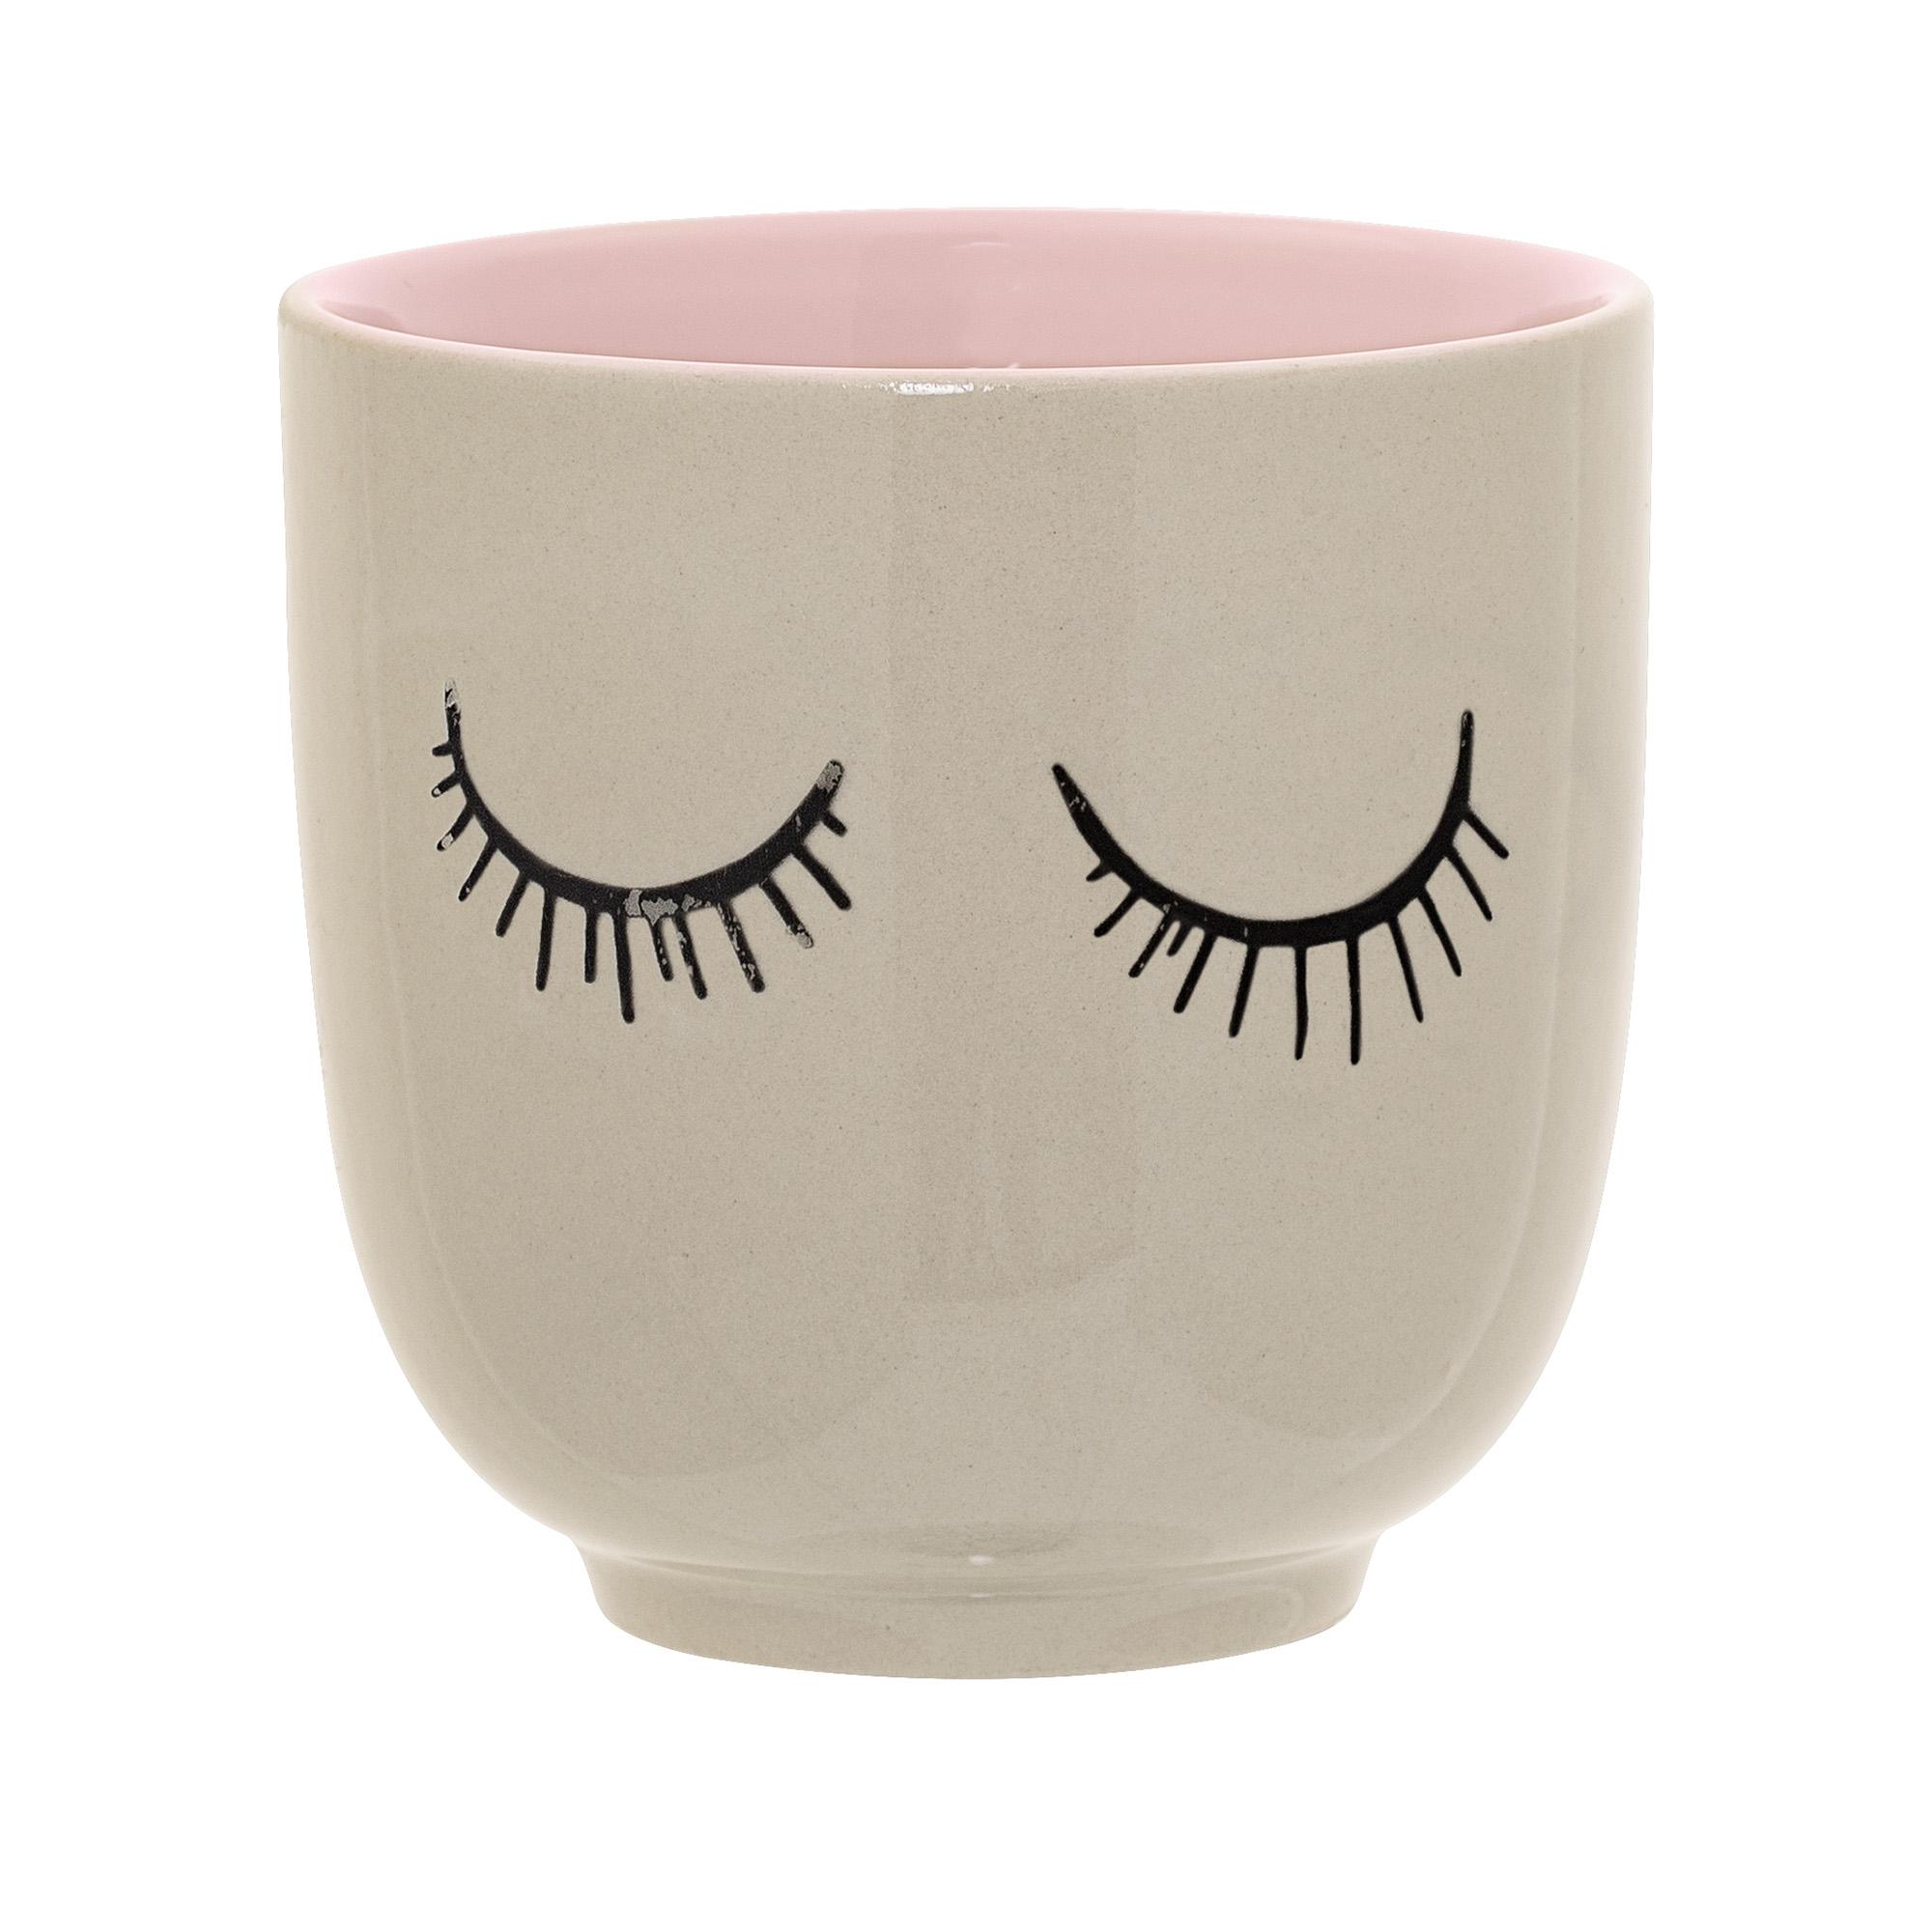 Ceasca Audrey Rose Ceramica O7xH7 cm